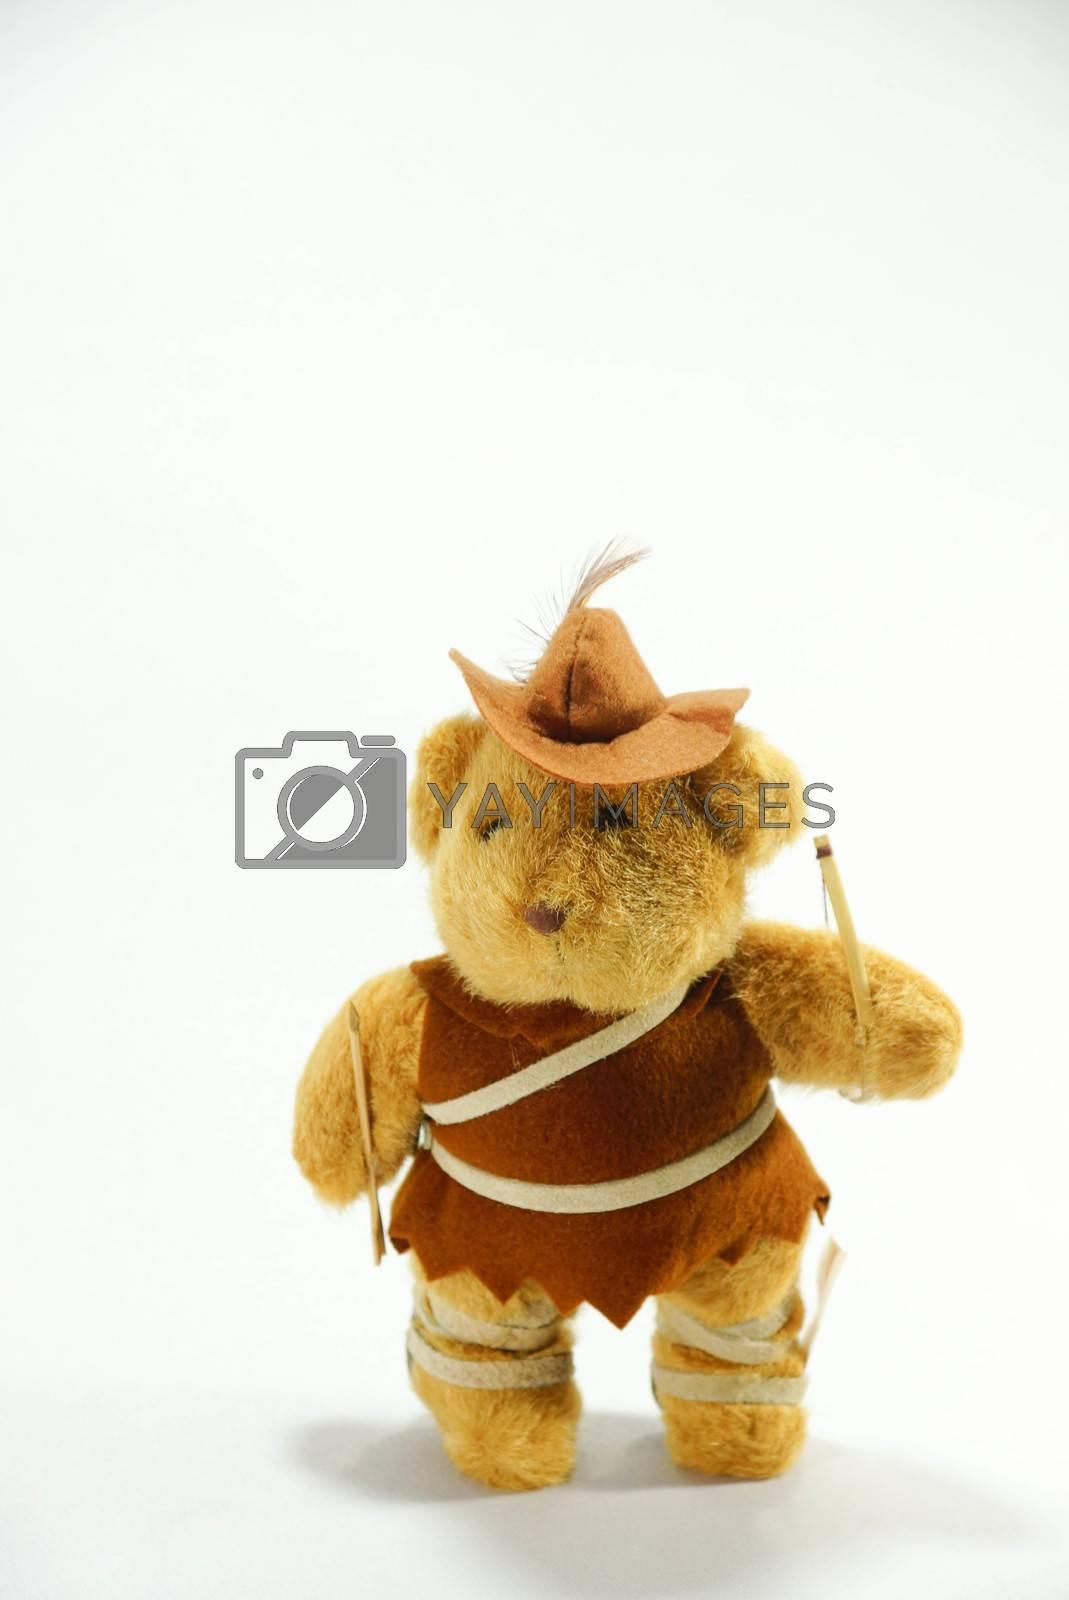 Royalty free image of bear 4 by nattapatt